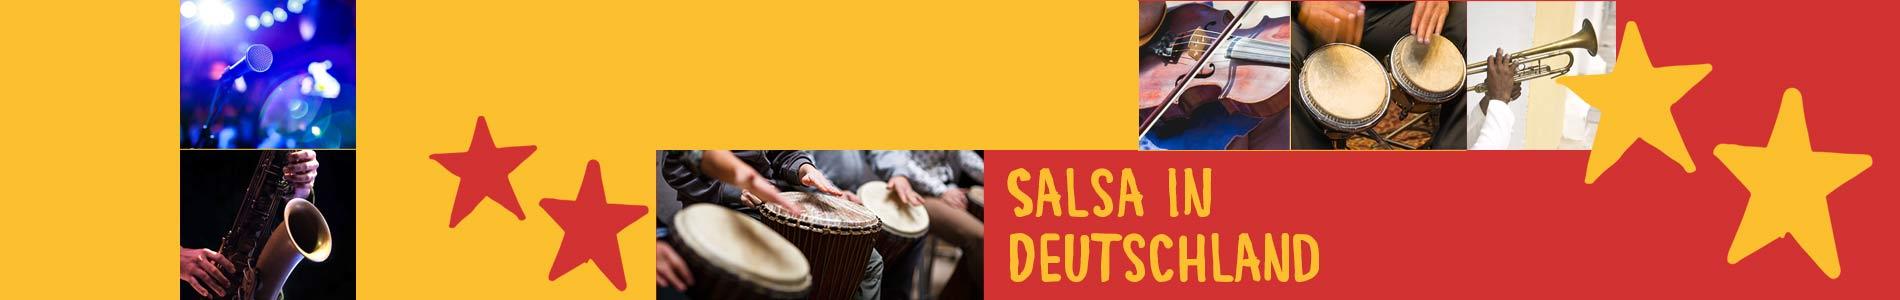 Salsa in Brietlingen – Salsa lernen und tanzen, Tanzkurse, Partys, Veranstaltungen